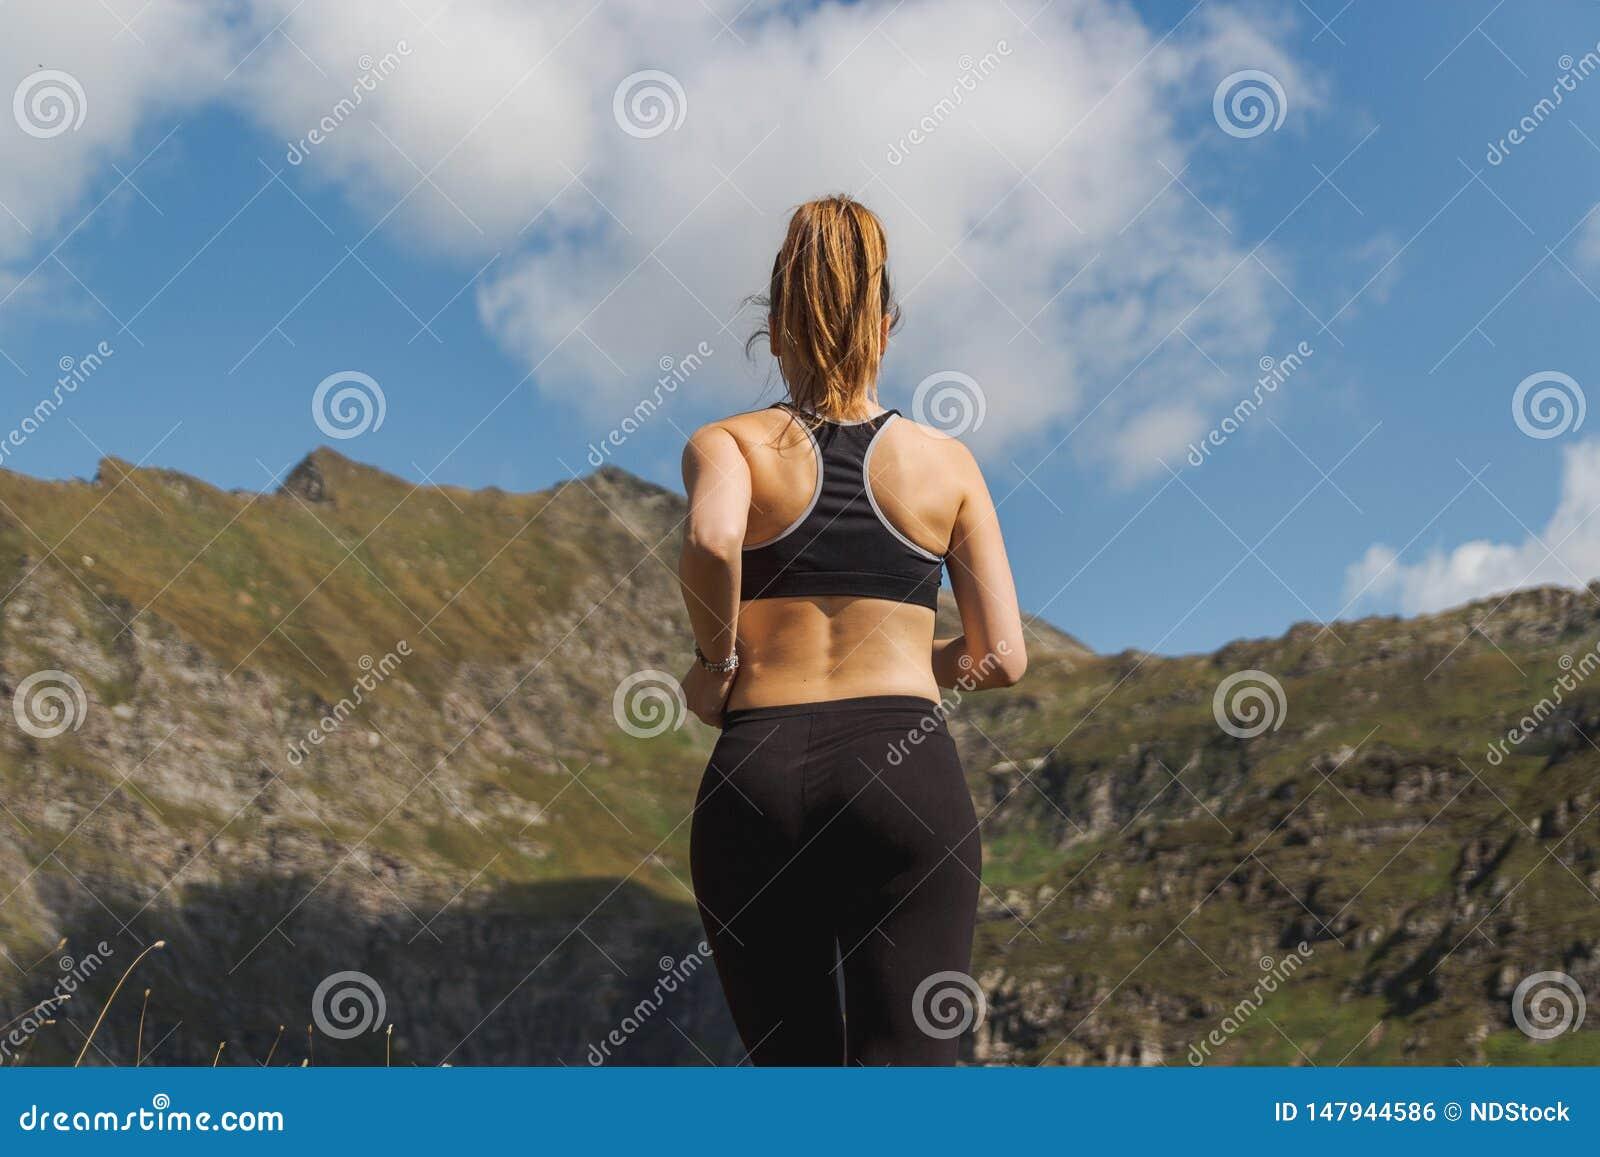 Νέα γυναίκα που τρέχει στα βουνά κατά τη διάρκεια μιας ηλιόλουστης ημέρας